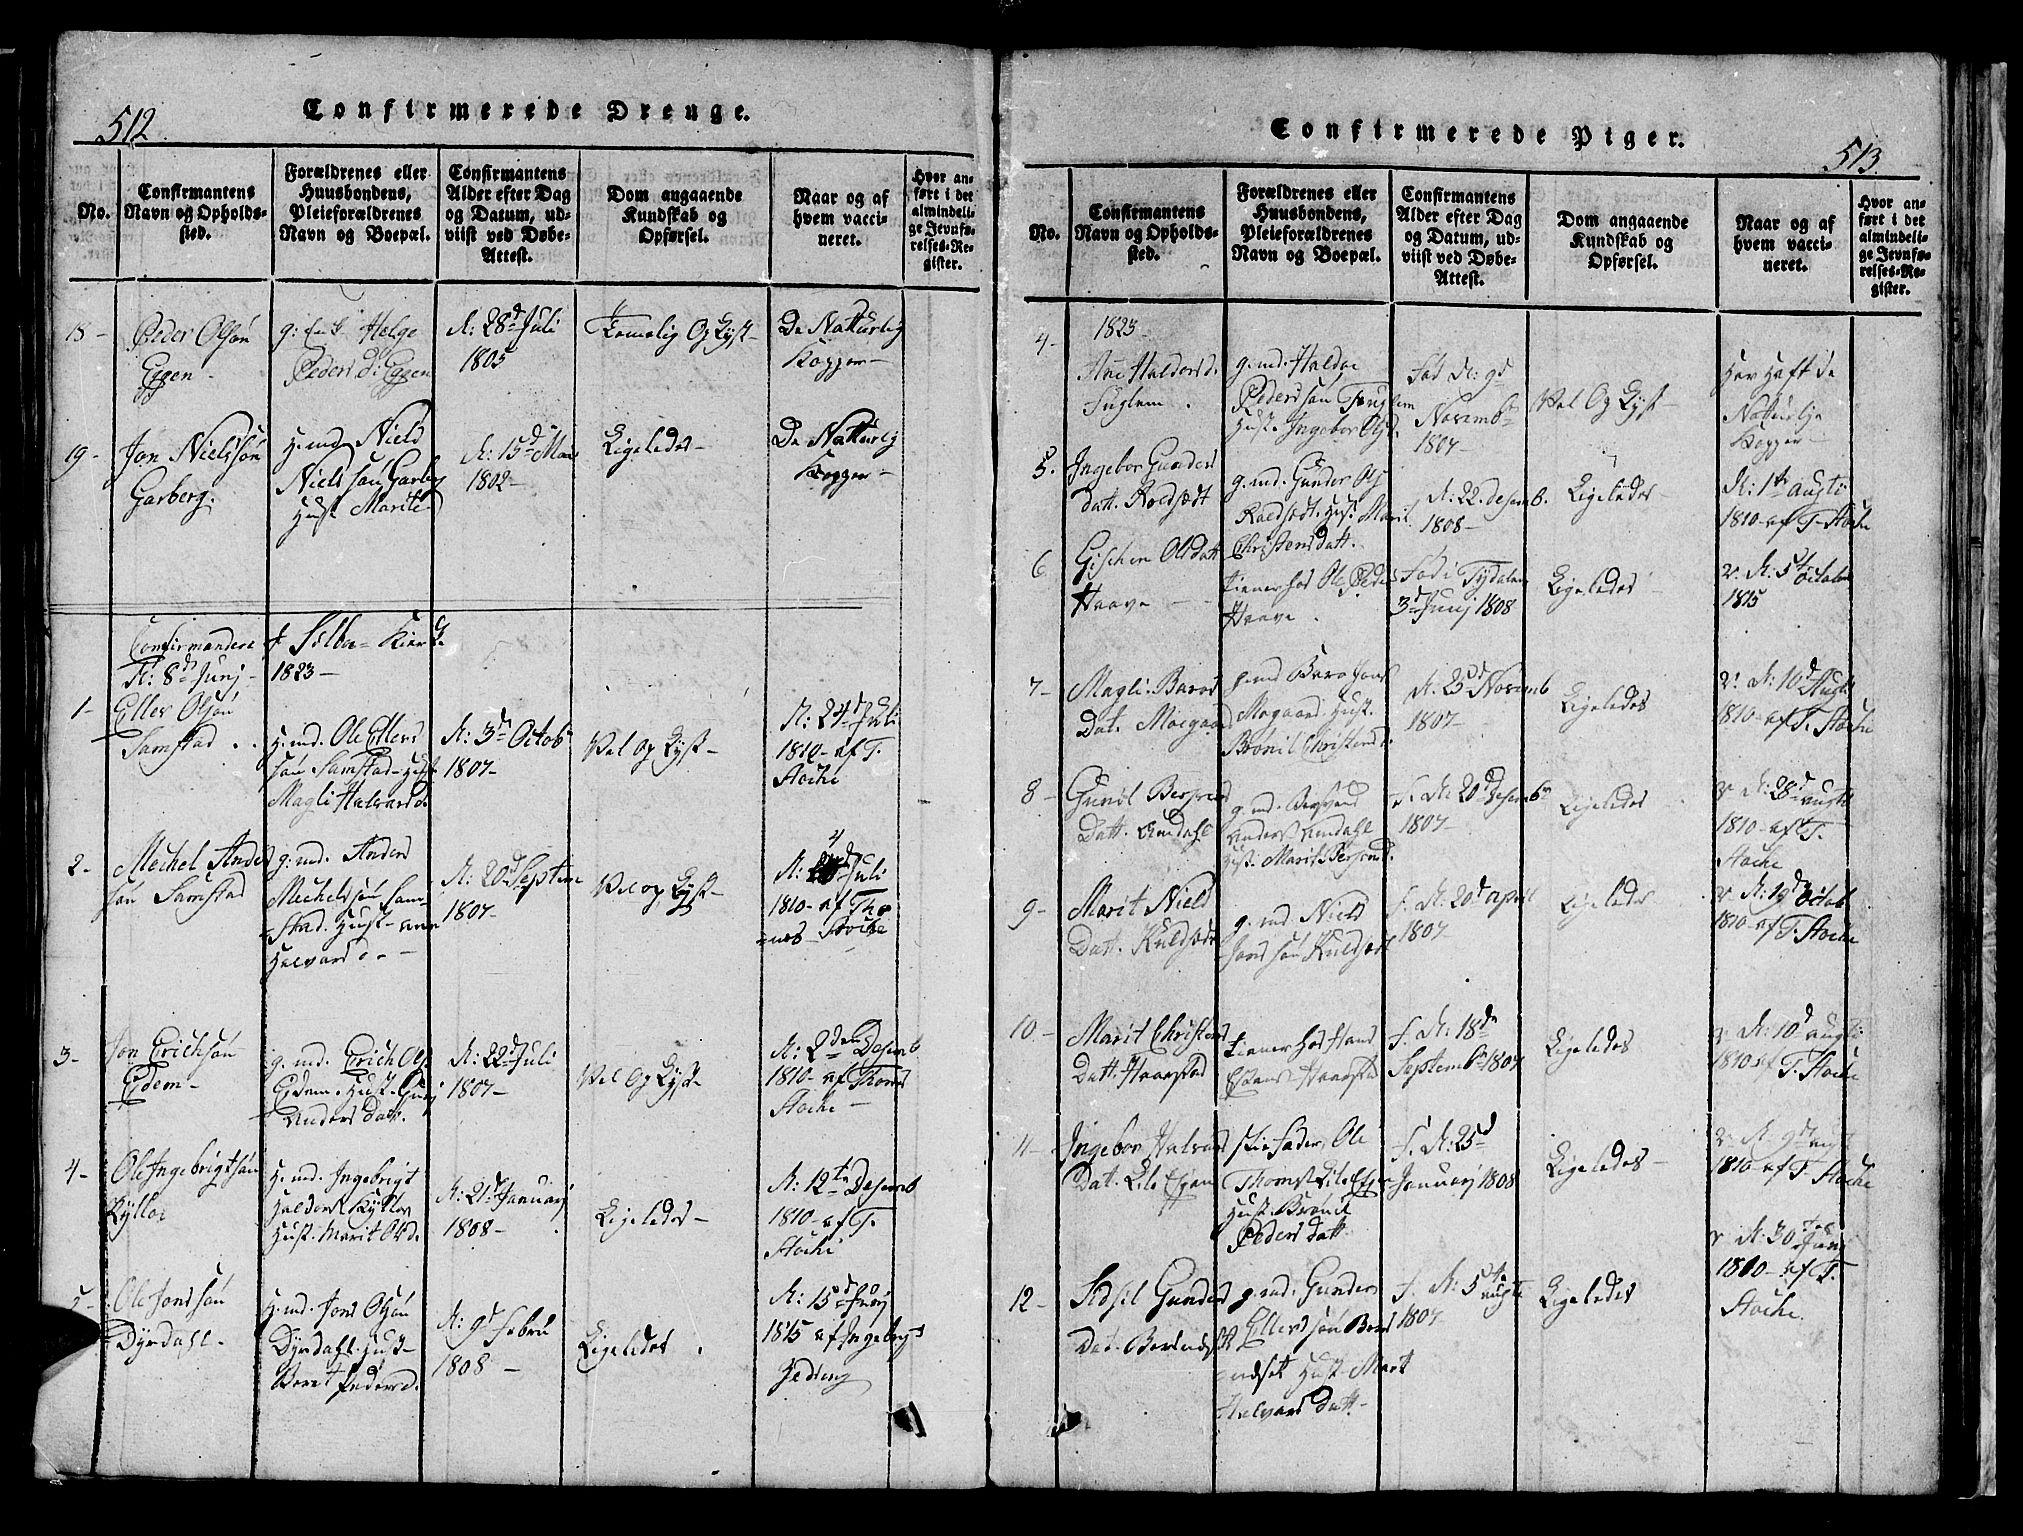 SAT, Ministerialprotokoller, klokkerbøker og fødselsregistre - Sør-Trøndelag, 695/L1152: Klokkerbok nr. 695C03, 1816-1831, s. 512-513